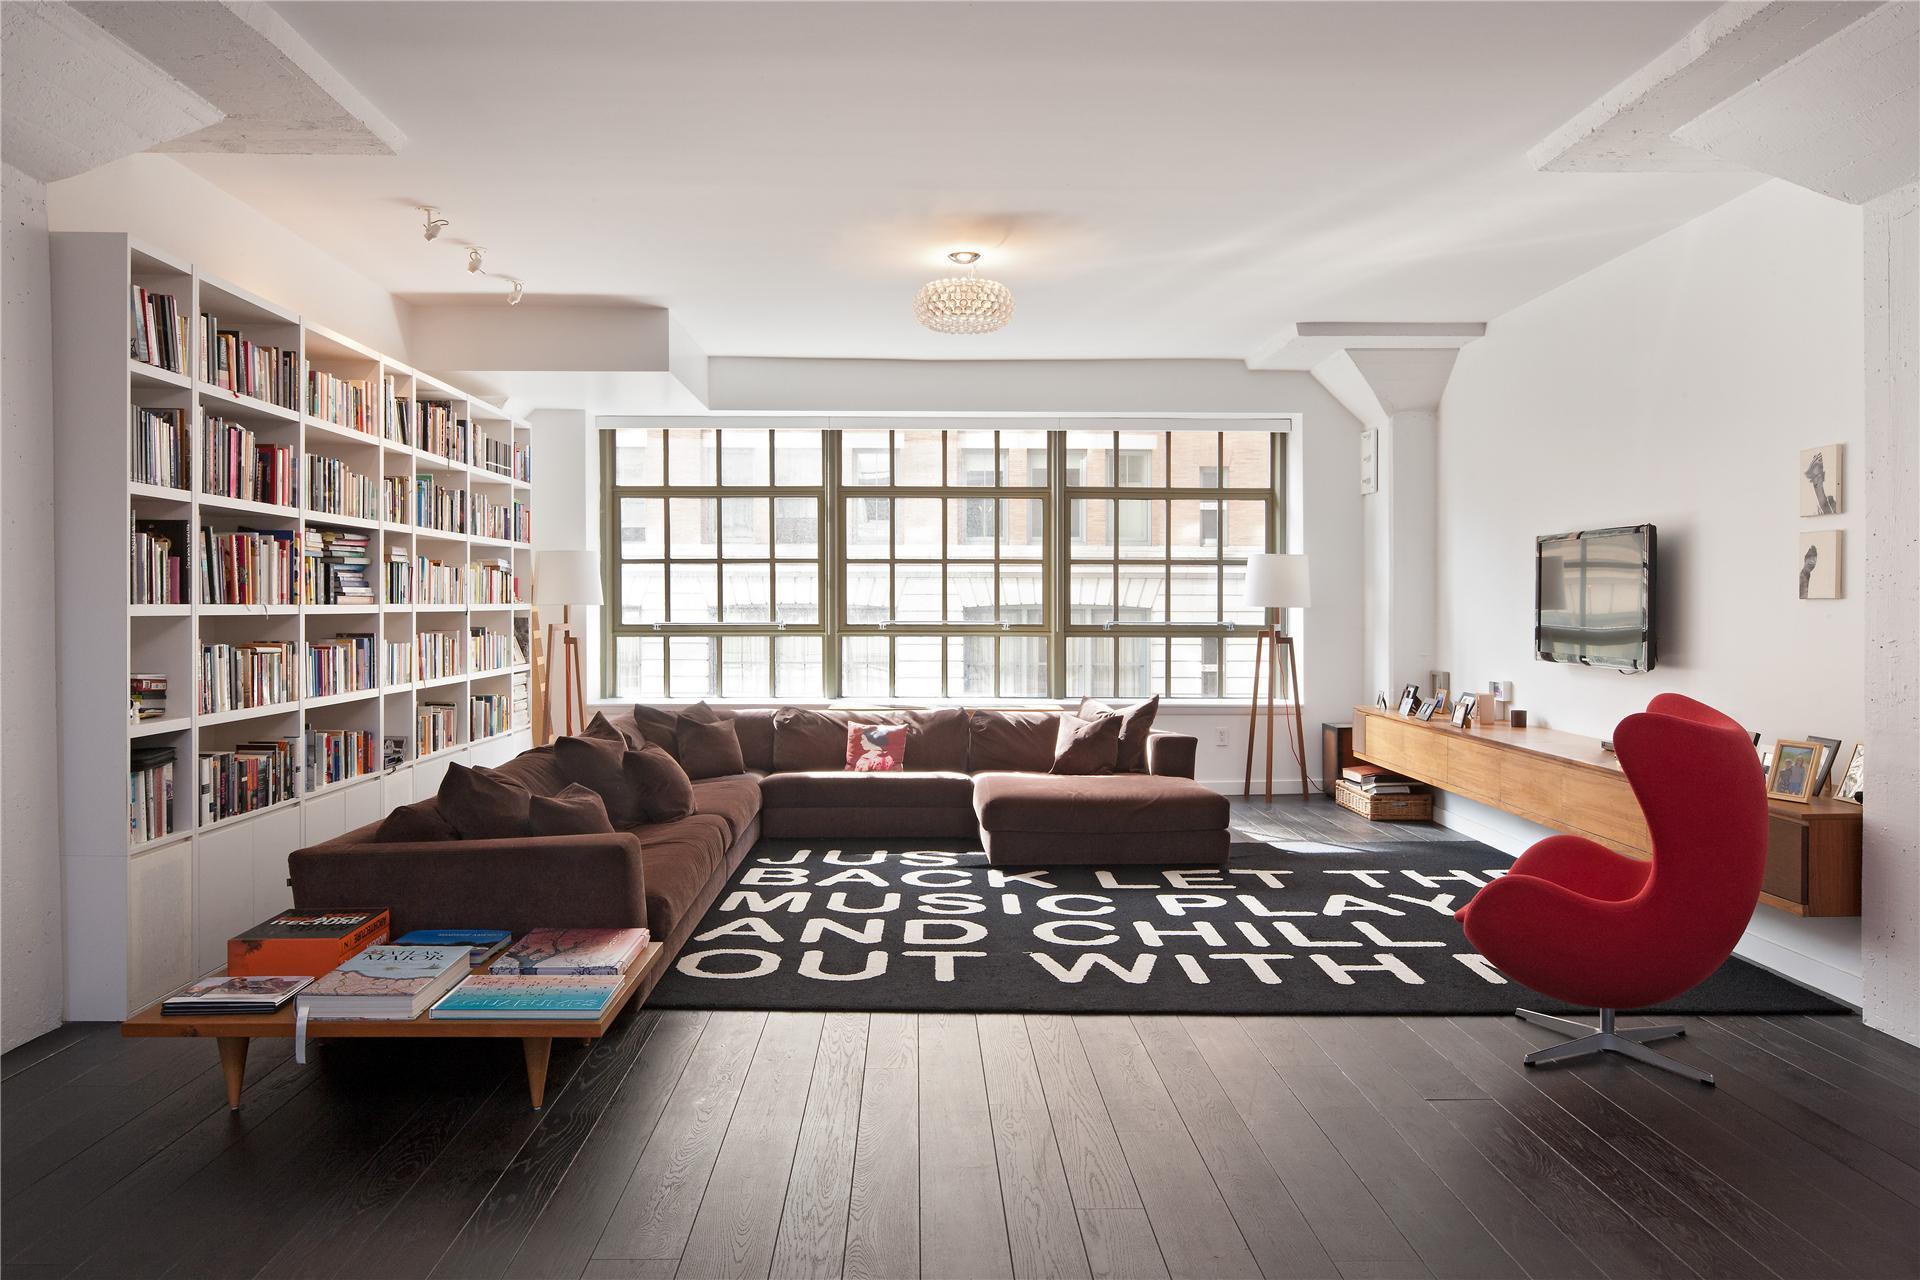 D co duplex loft exemples d 39 am nagements - Deco loft ...